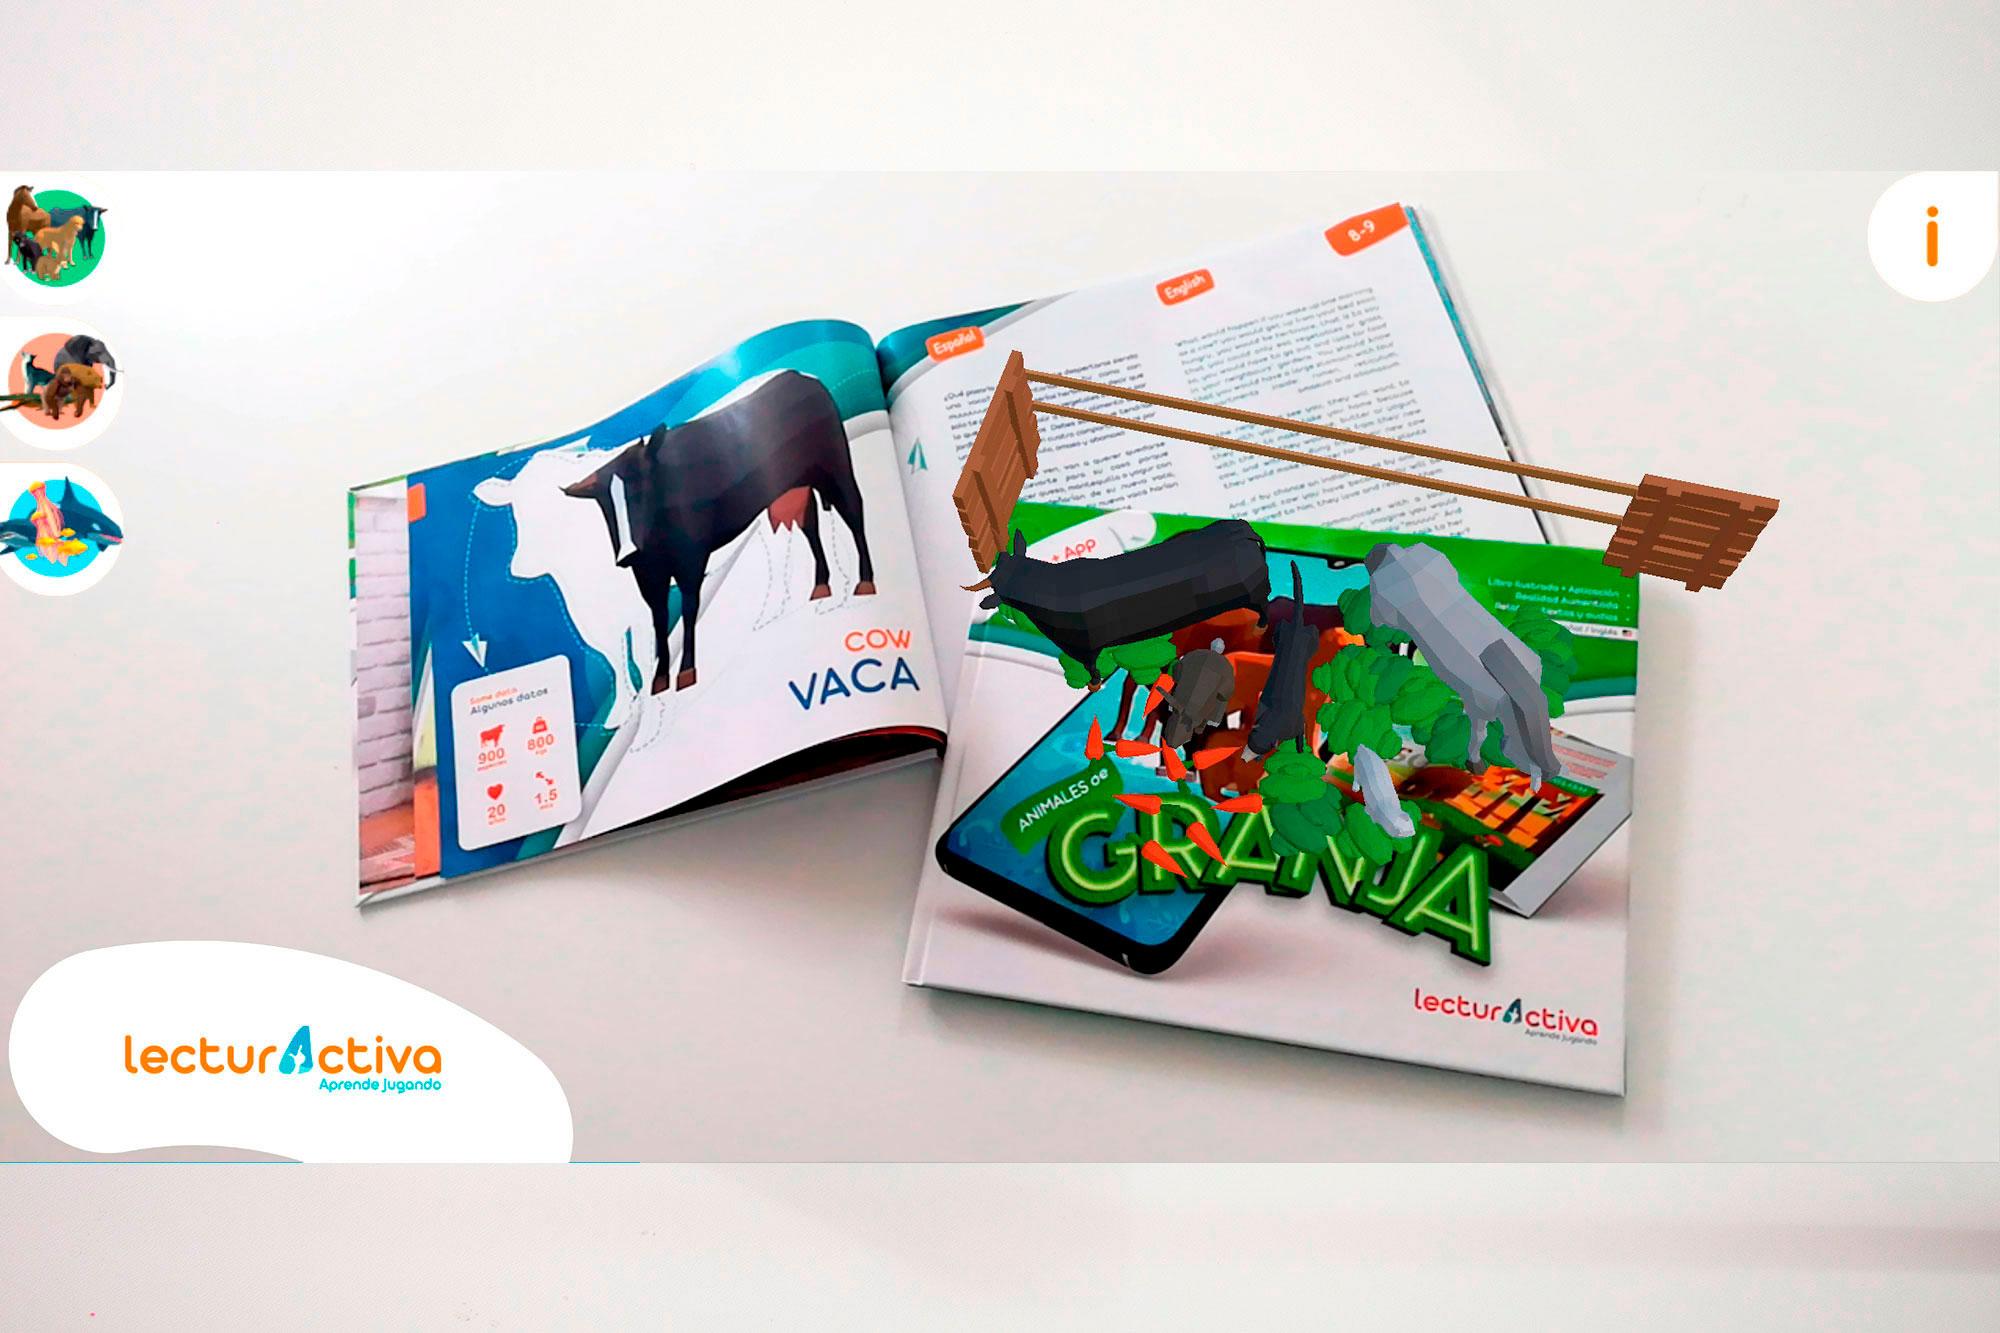 libros-interactivos-bilingues-para-niños-y-jovenes-12